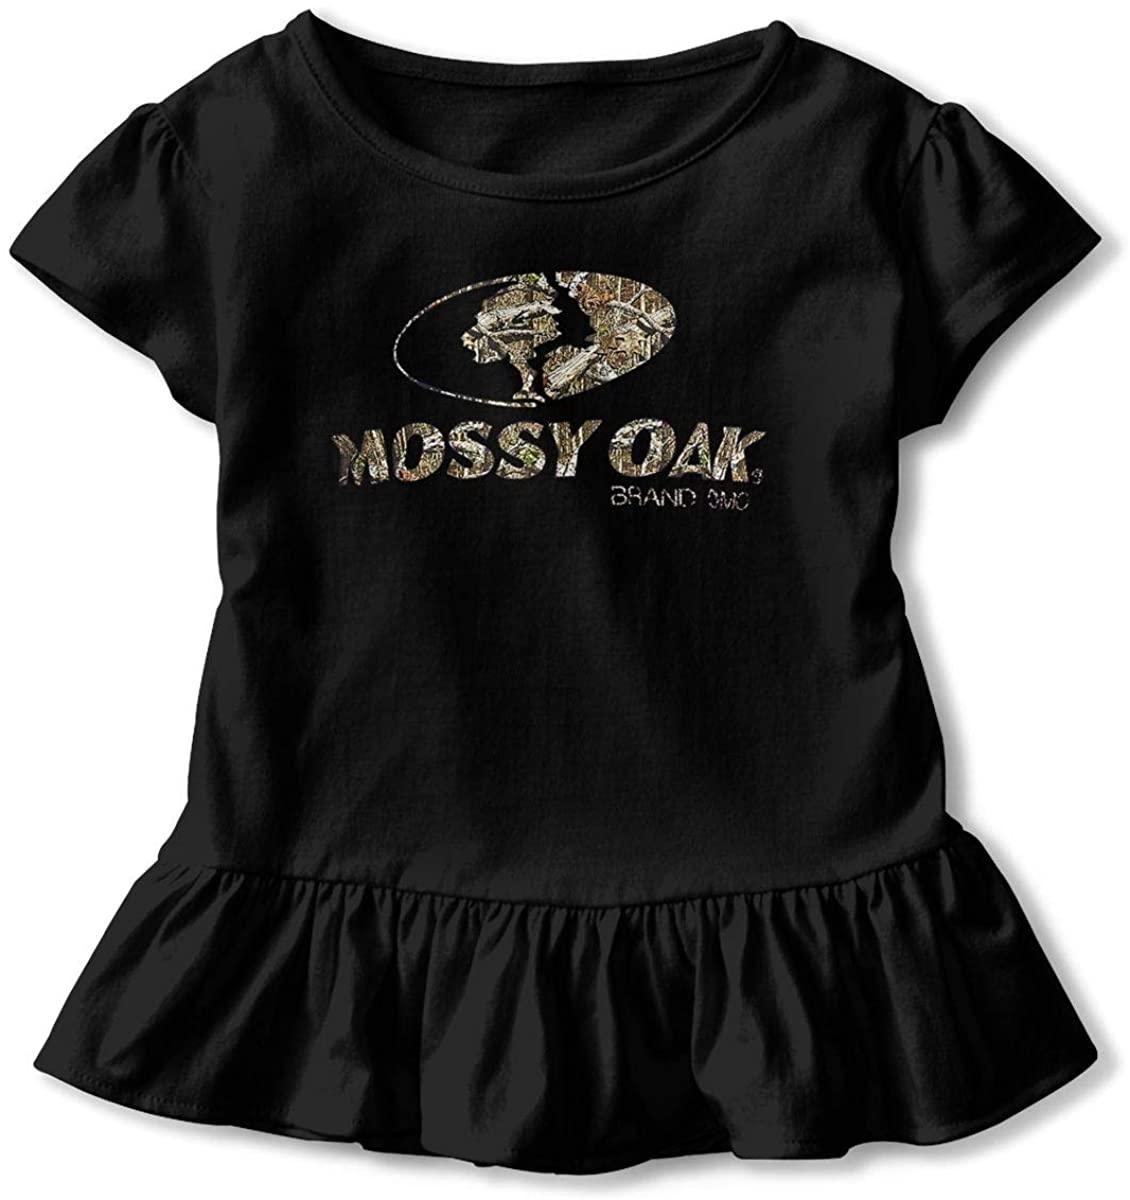 Mossy Oak Hobbledehoy Children's Short Sleeve T Tee Shirt Leisure